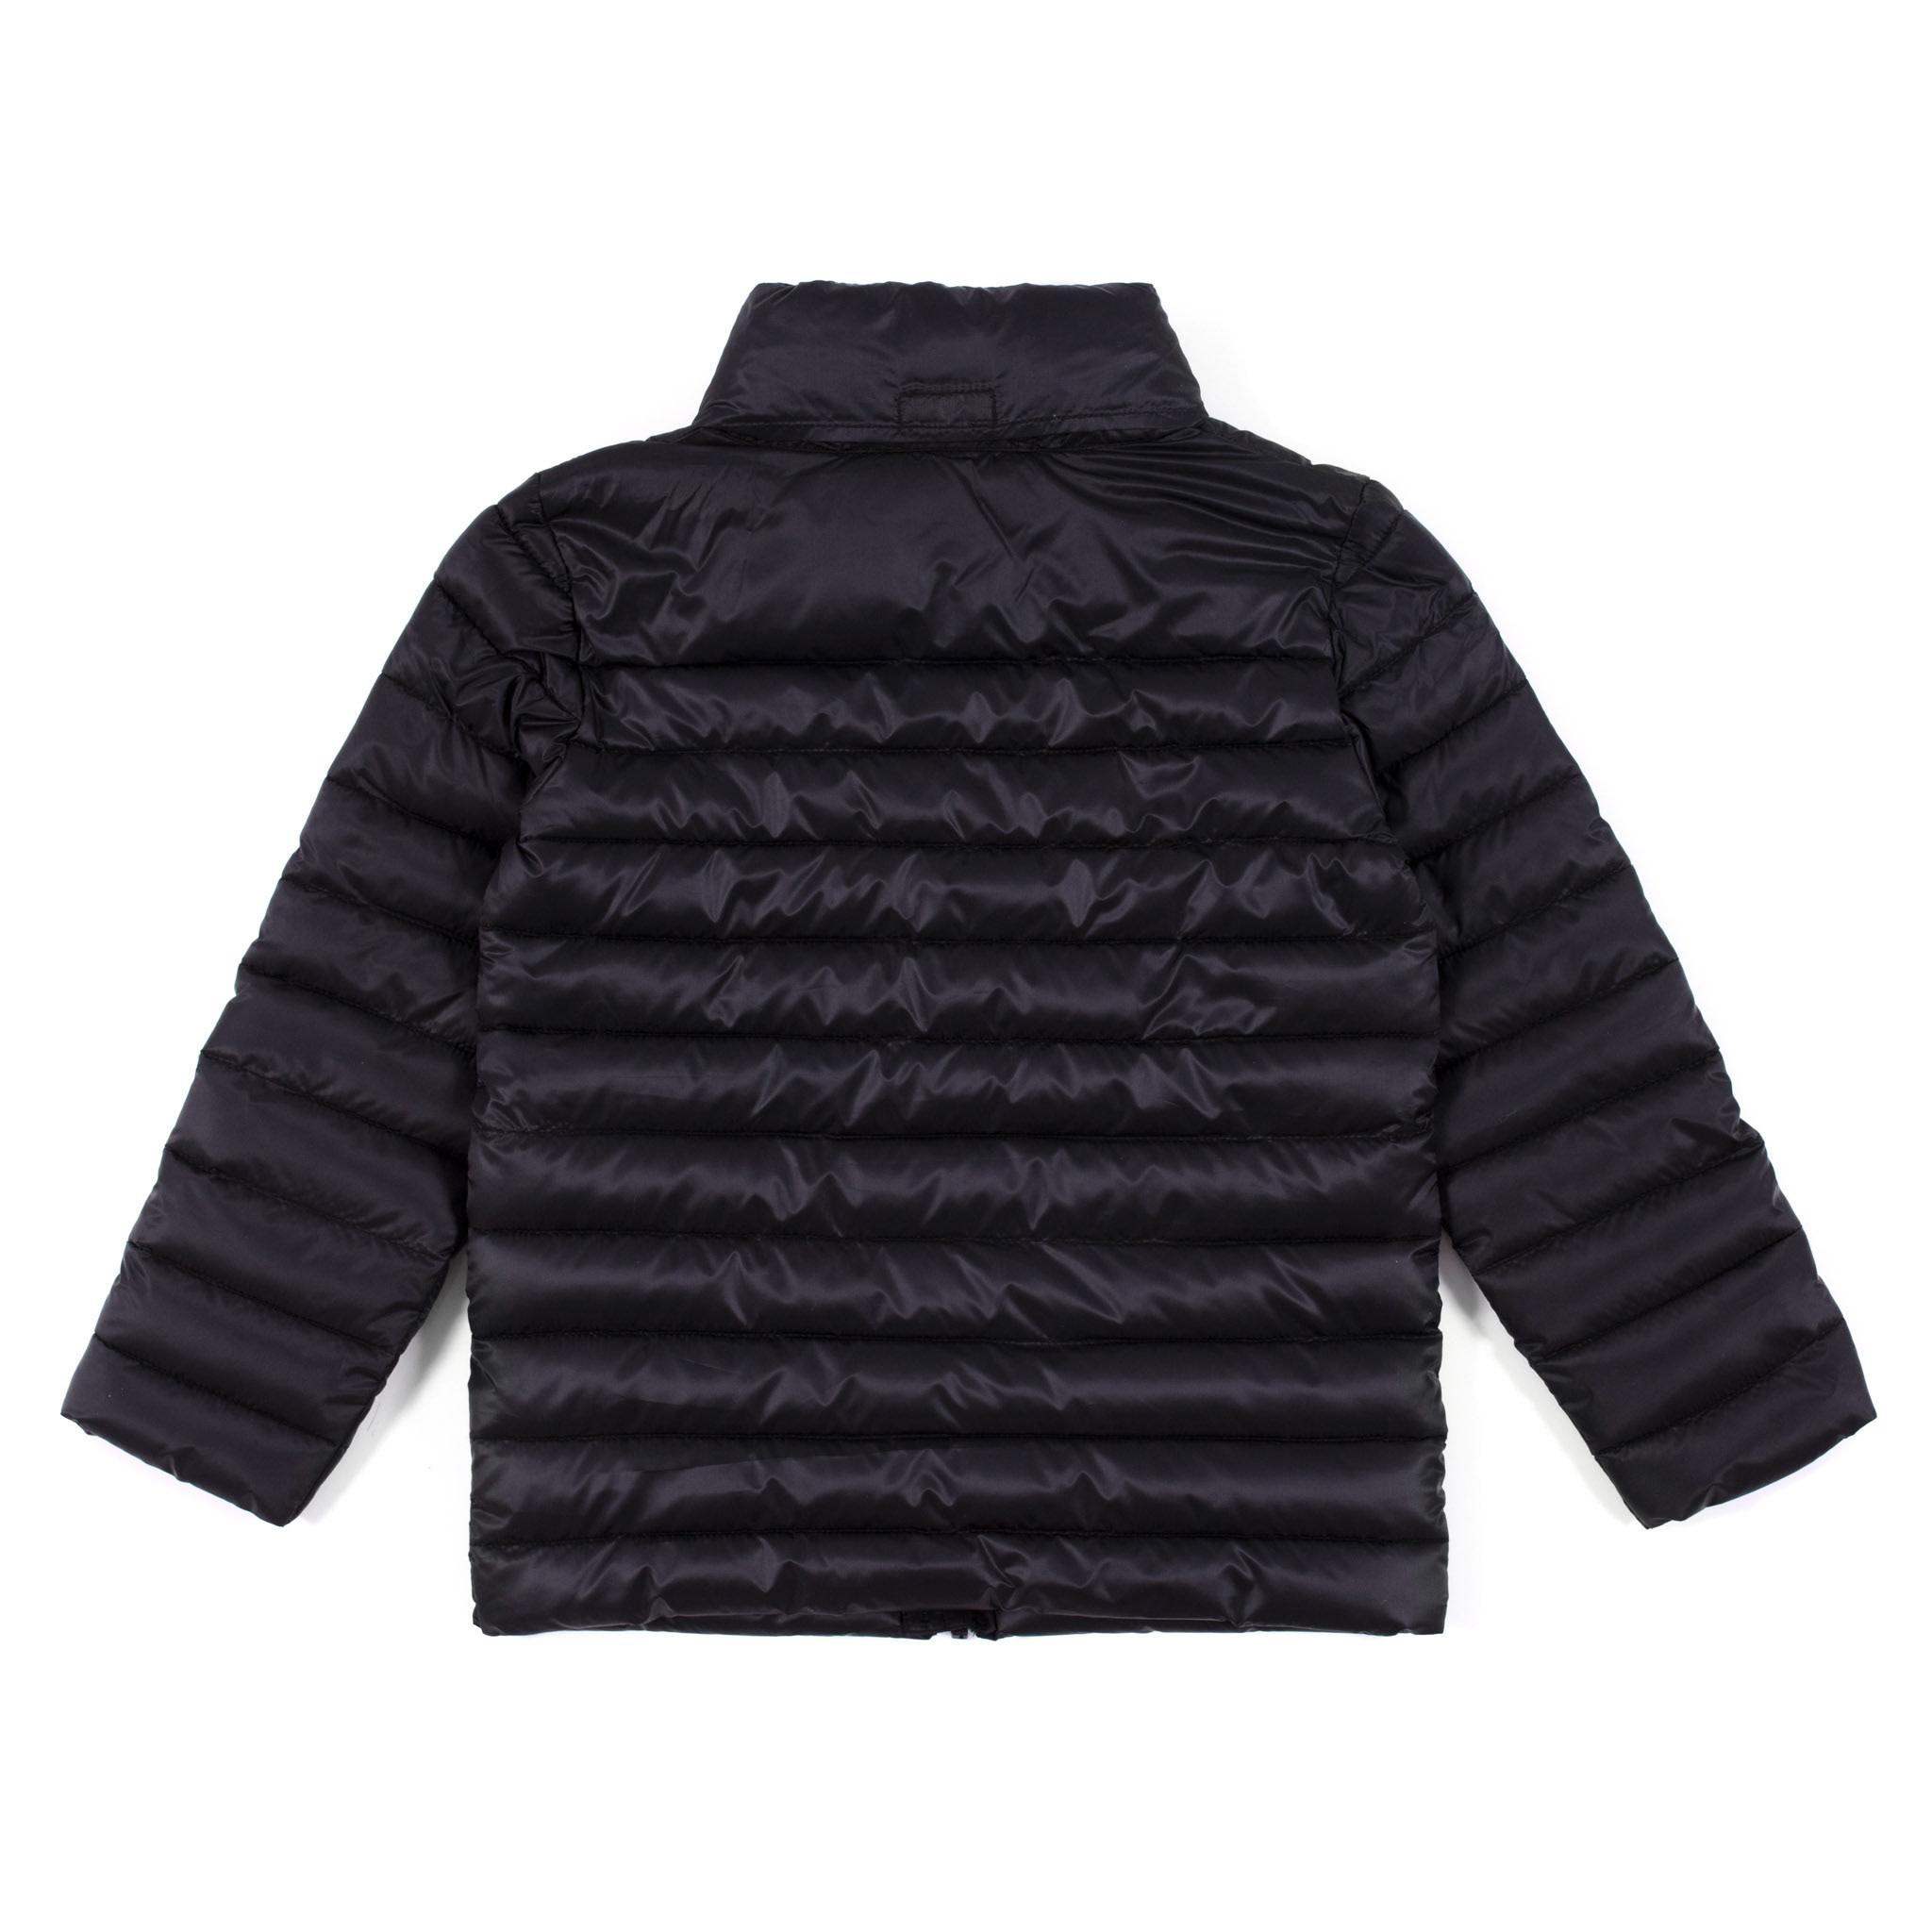 Manteau printemps-automne noir-2